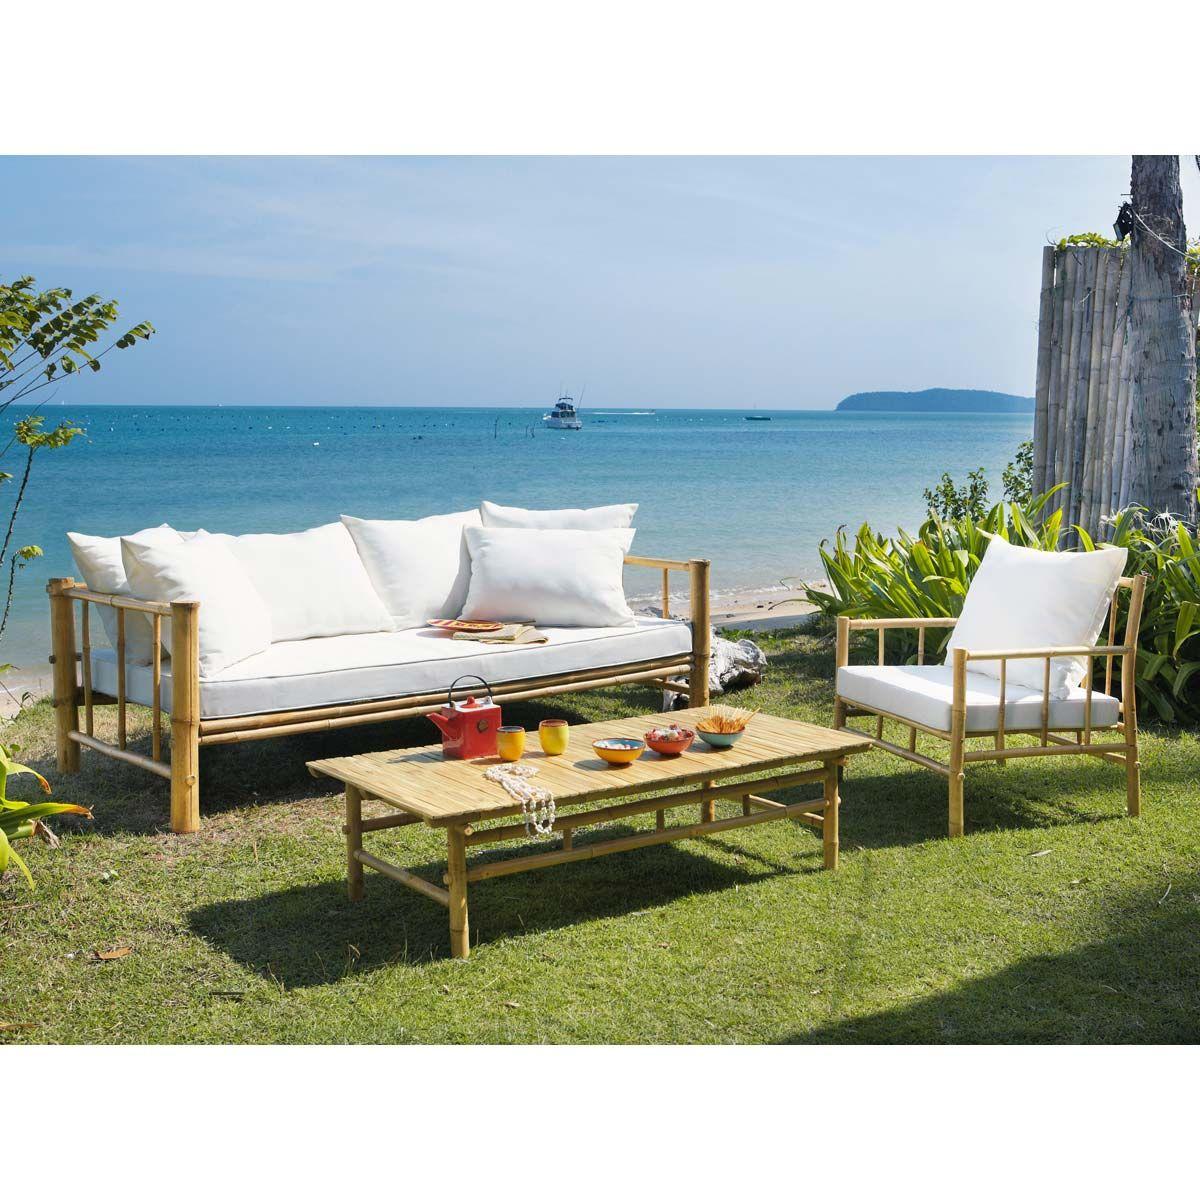 mobilier de jardin maison du monde awesome elegant mobilier de jardin maison du monde u. Black Bedroom Furniture Sets. Home Design Ideas